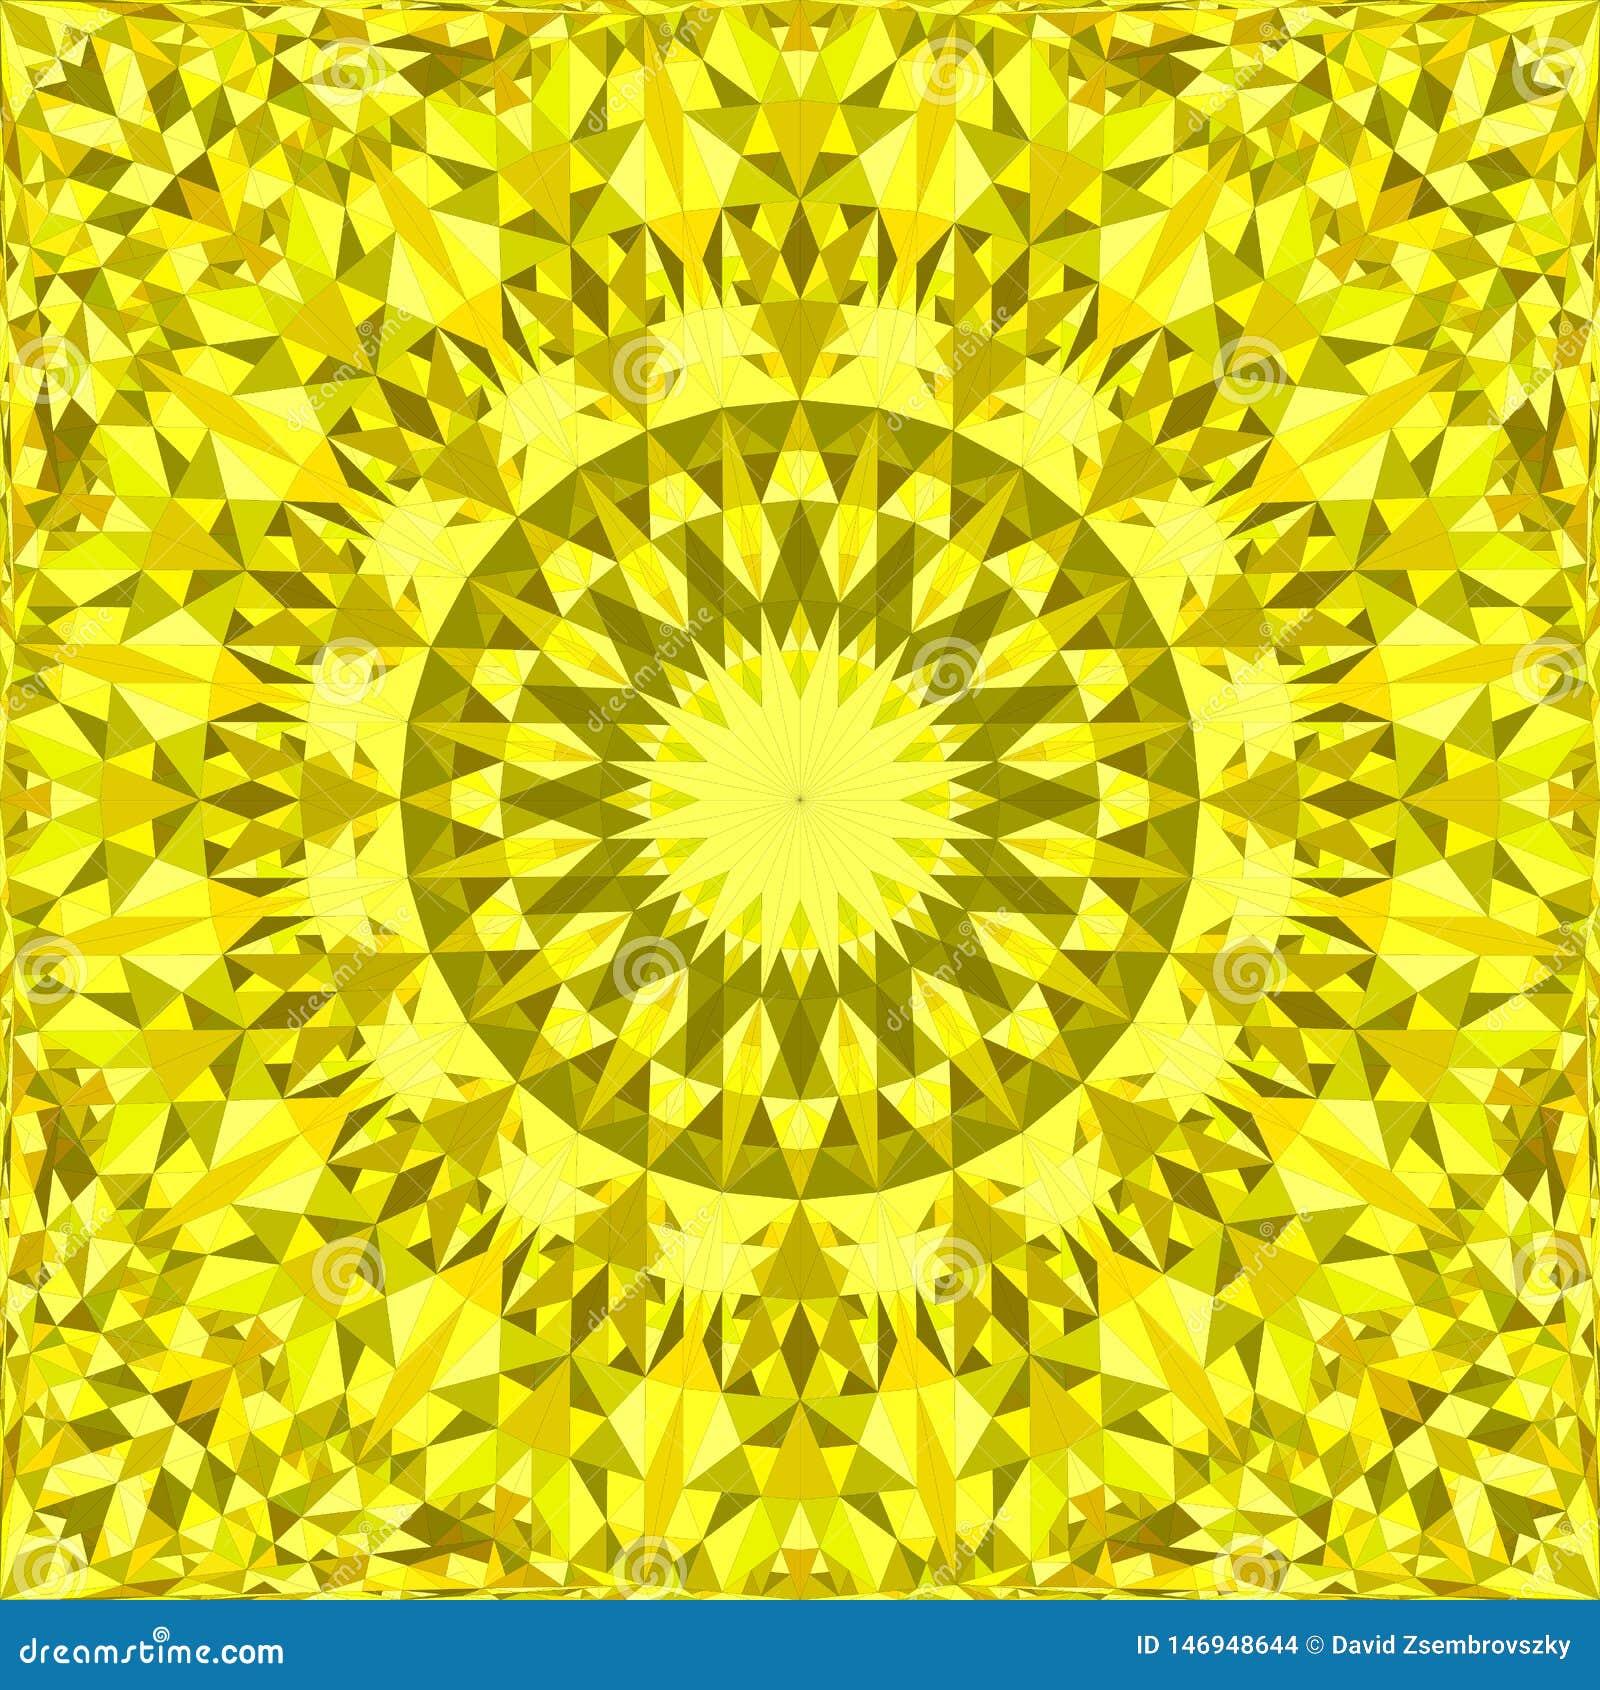 Gul upprepande design för kalejdoskopmodellbakgrund - abstrakt illustration för vektormandalatapet från trianglar